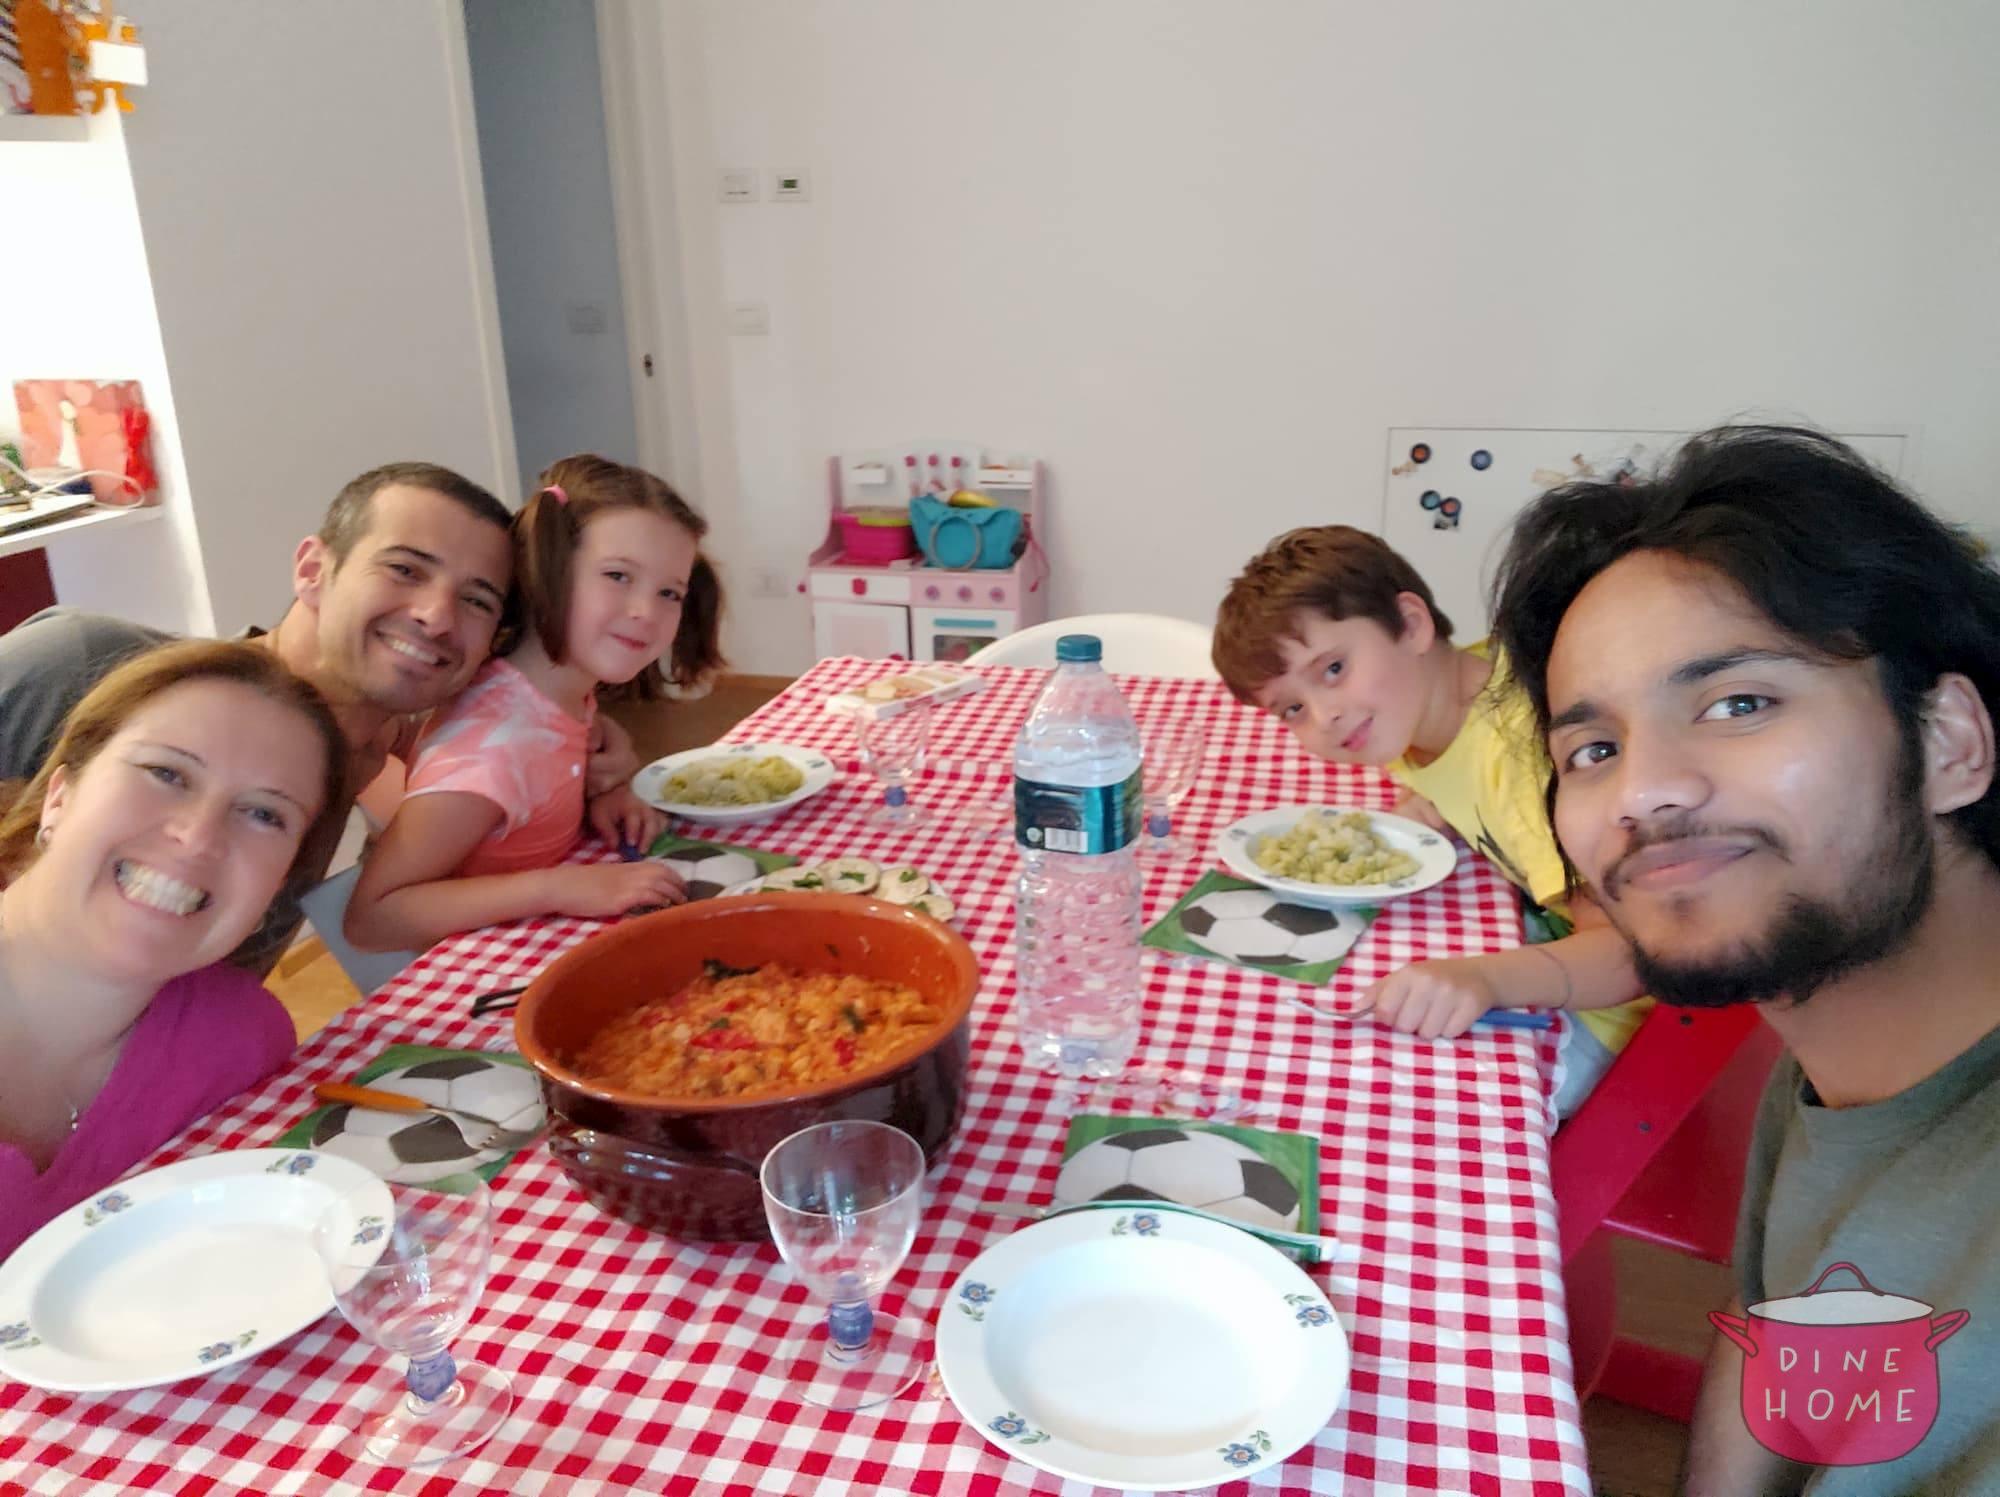 Omar, studente Indiano, a cena dalla sua famiglia Dinehome.